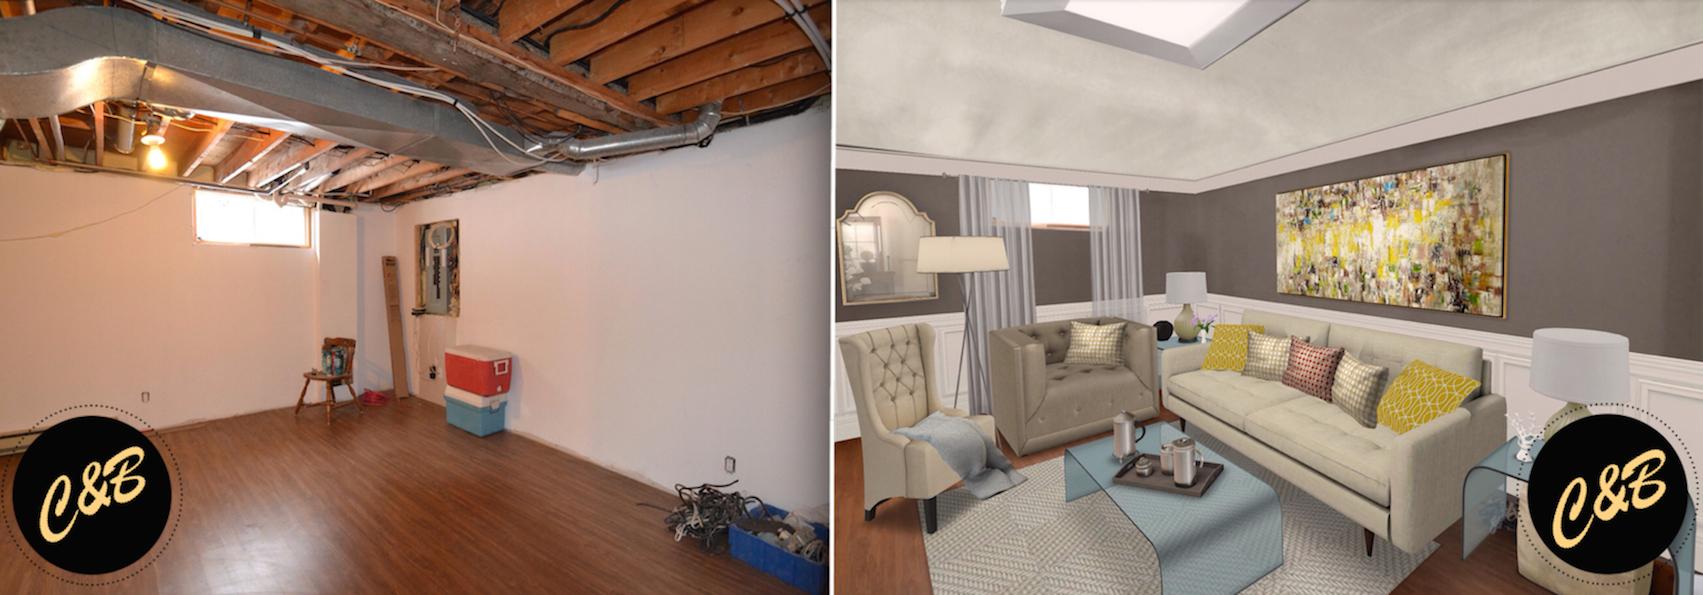 Home Staging Photos Avant Après avez-vous pensé au home staging ? • lymo